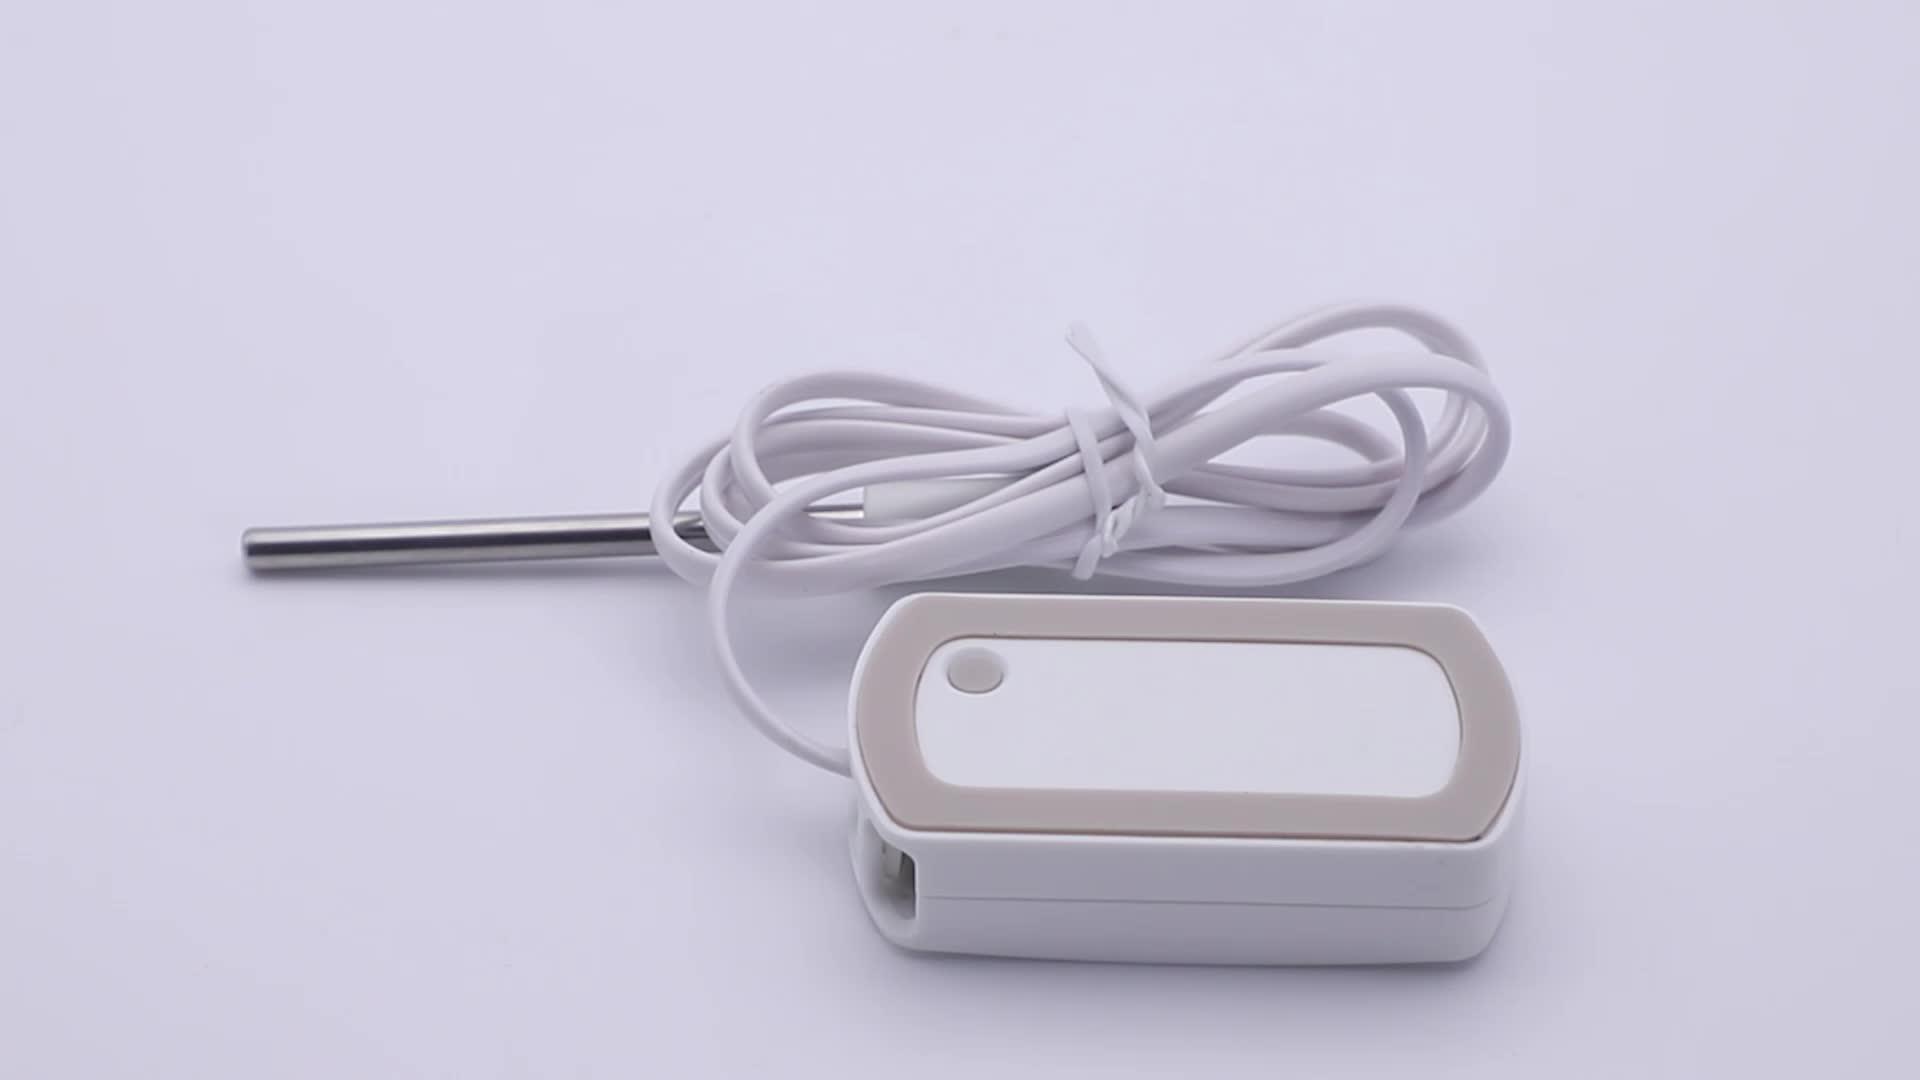 Minew mini faro wireless rfid bluetooth BLE di temperatura e sensore di umidità